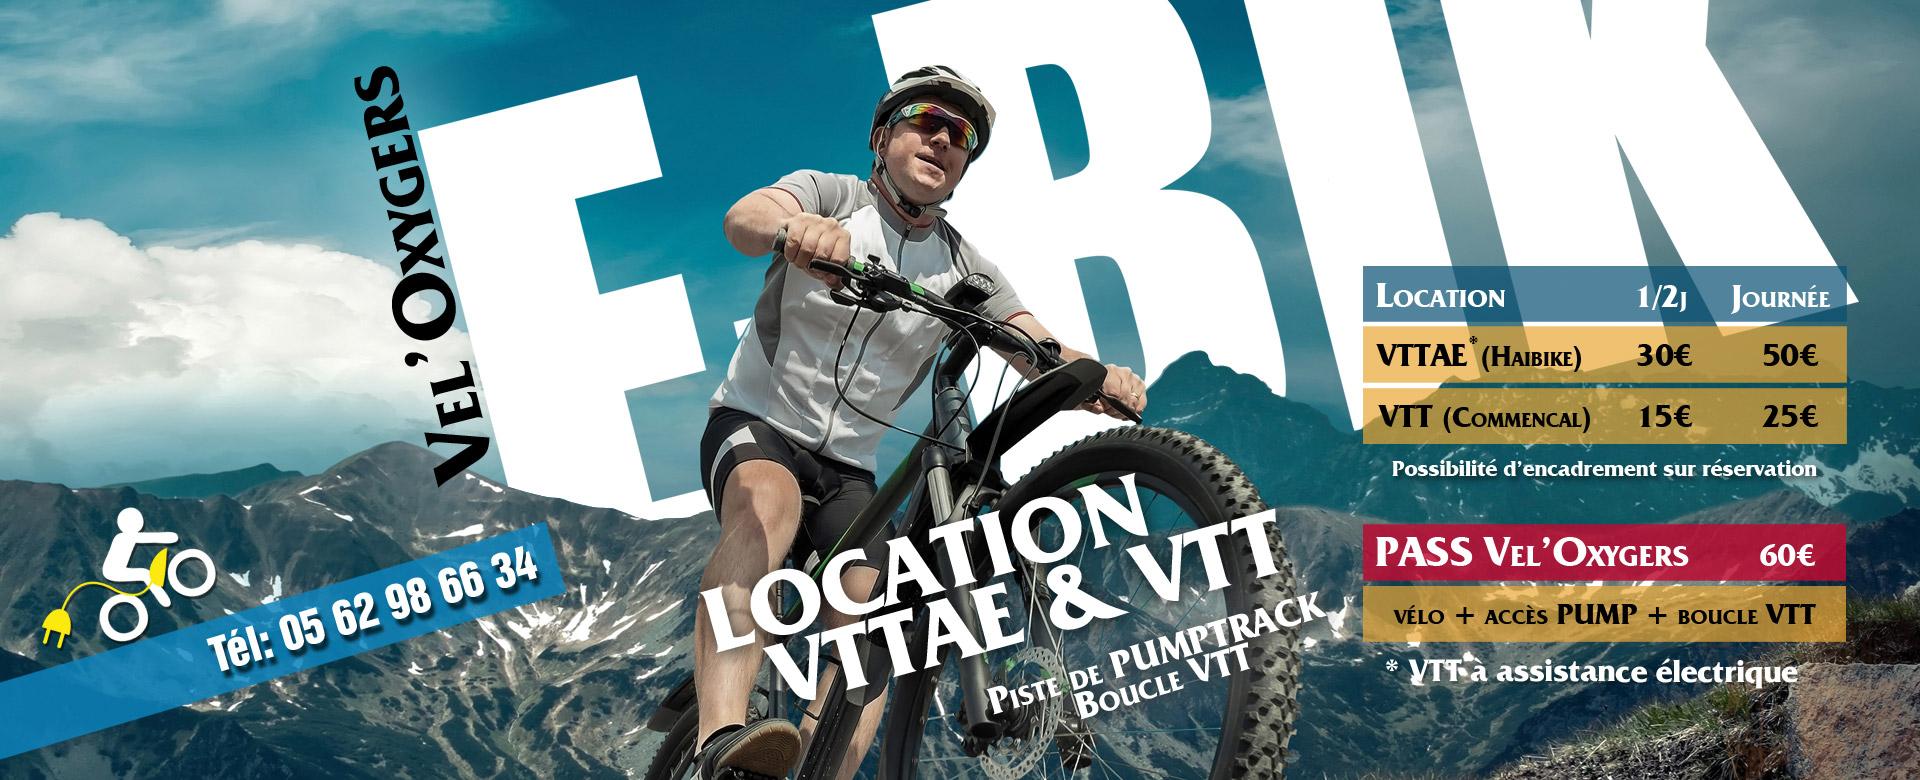 location vtt e-bike pyrénées montagne Oxygers, location séjours VTT electrique